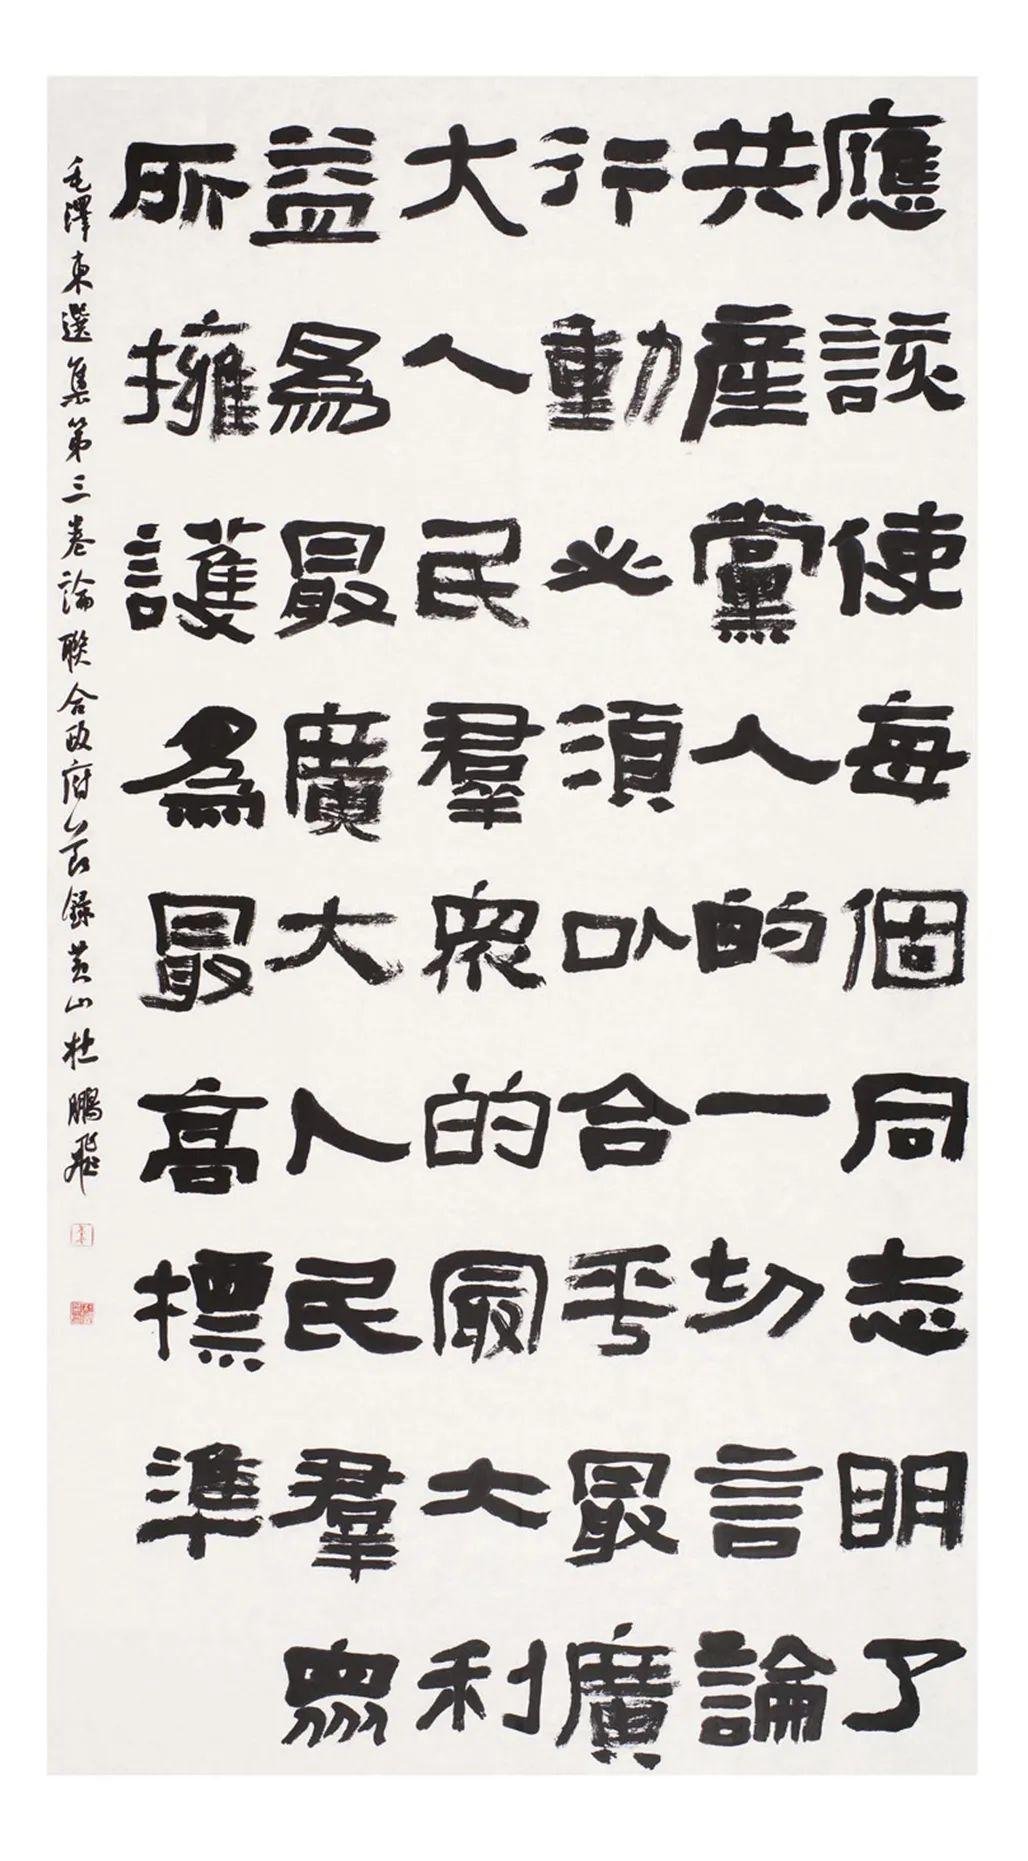 中国力量——全国扶贫书法大展作品 | 第一篇章 :人民至上(图10)